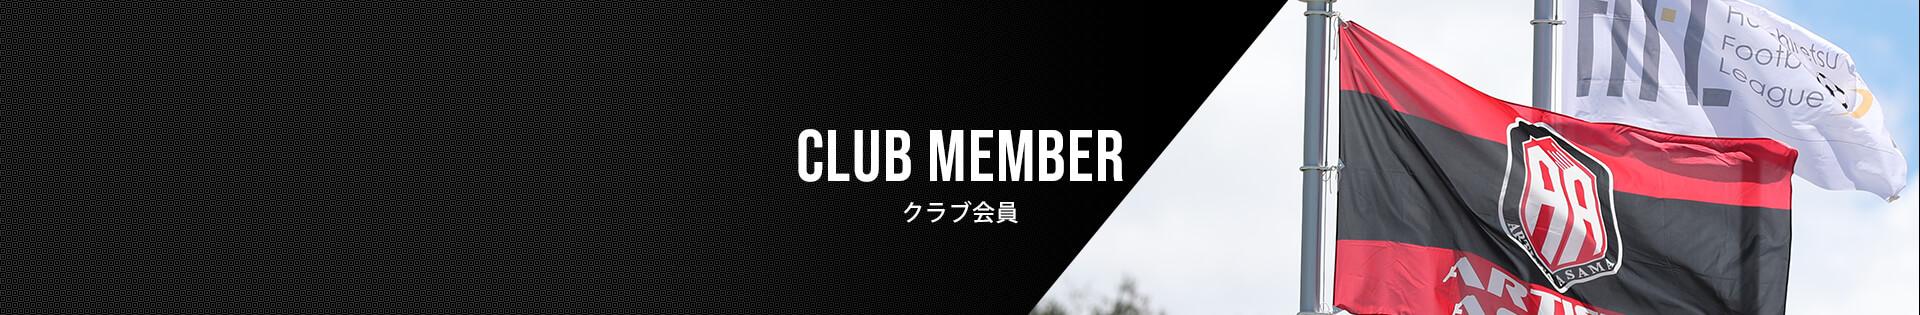 クラブ会員